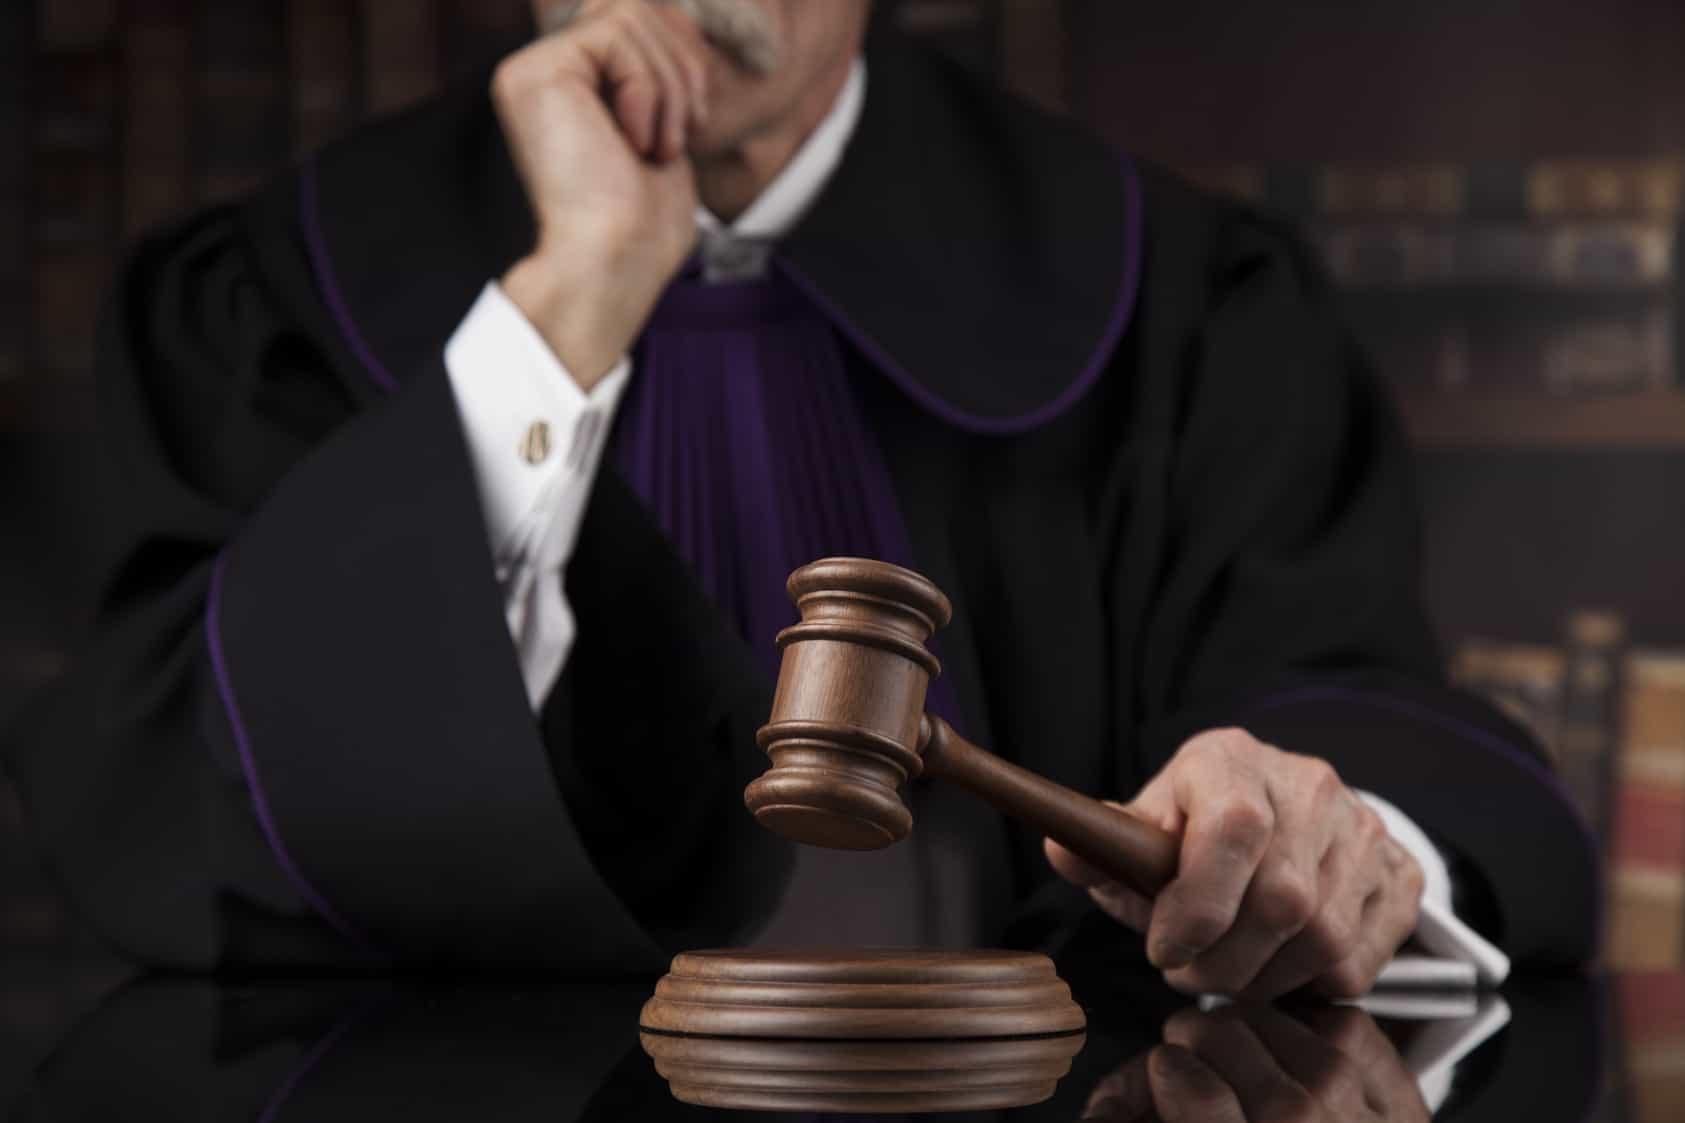 Richtermangel droht - Ruf nach Volljuristen-Ausbildung in Rostock